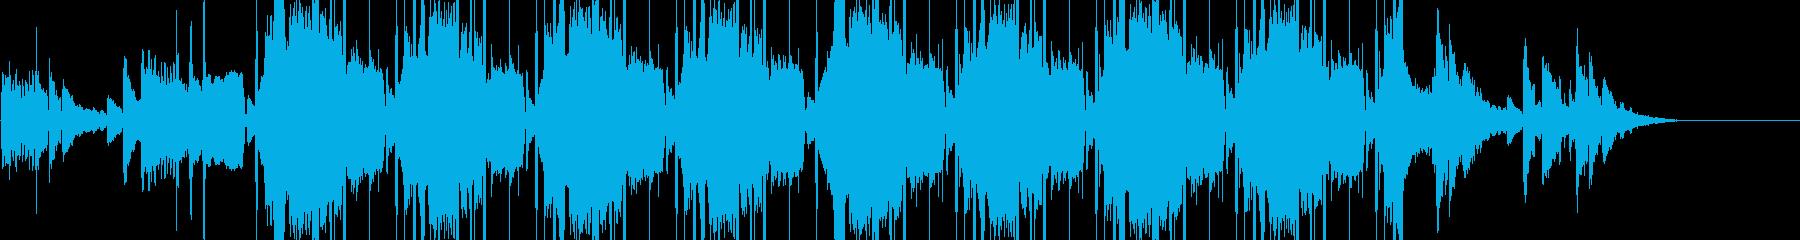 切なげな雰囲気のチルアウトBGMの再生済みの波形